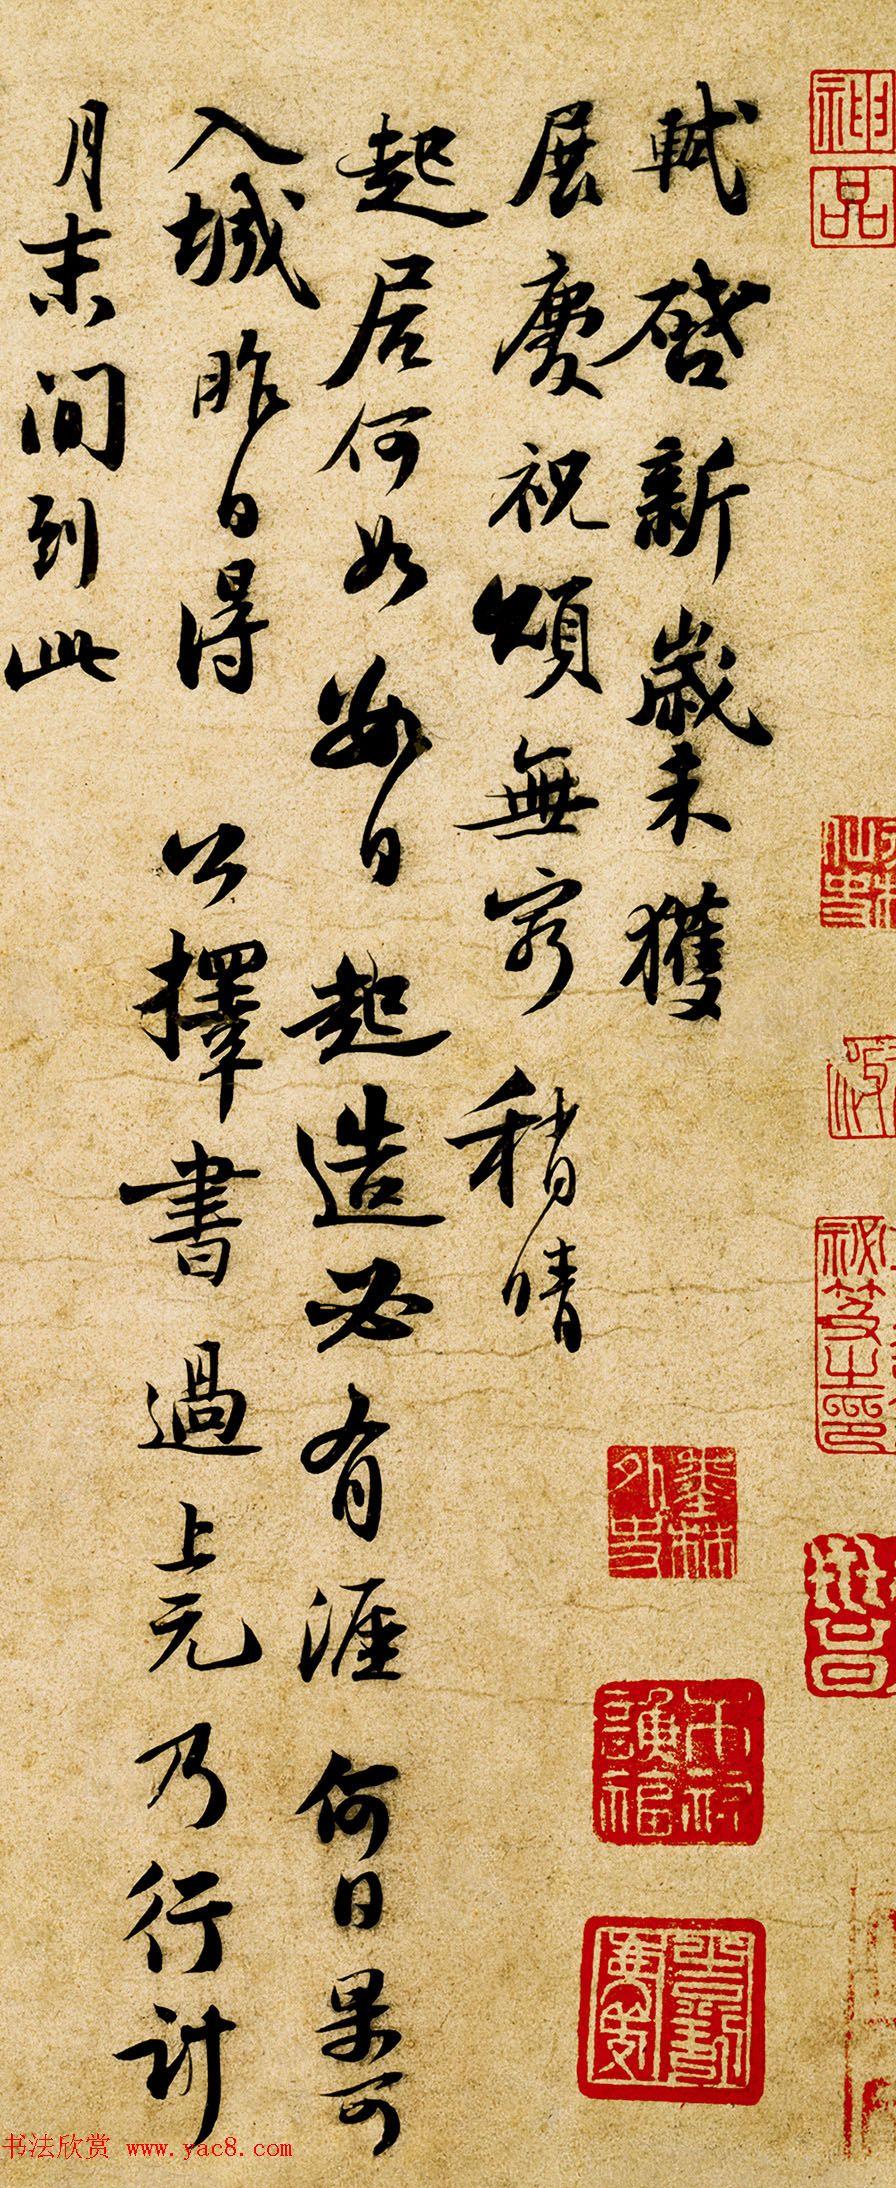 苏轼书法行书《新岁展庆帖》